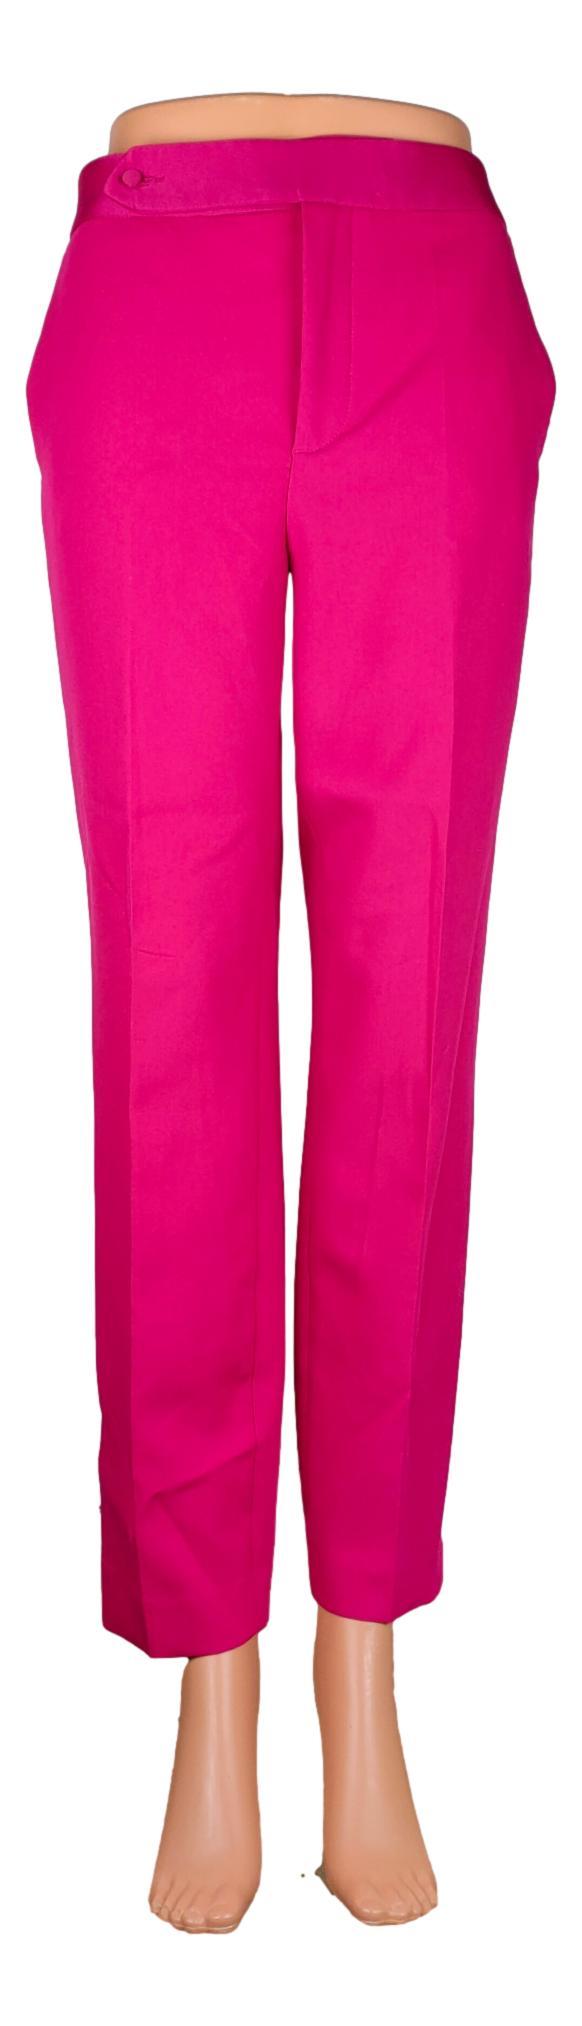 Pantalon Zara -Taille L